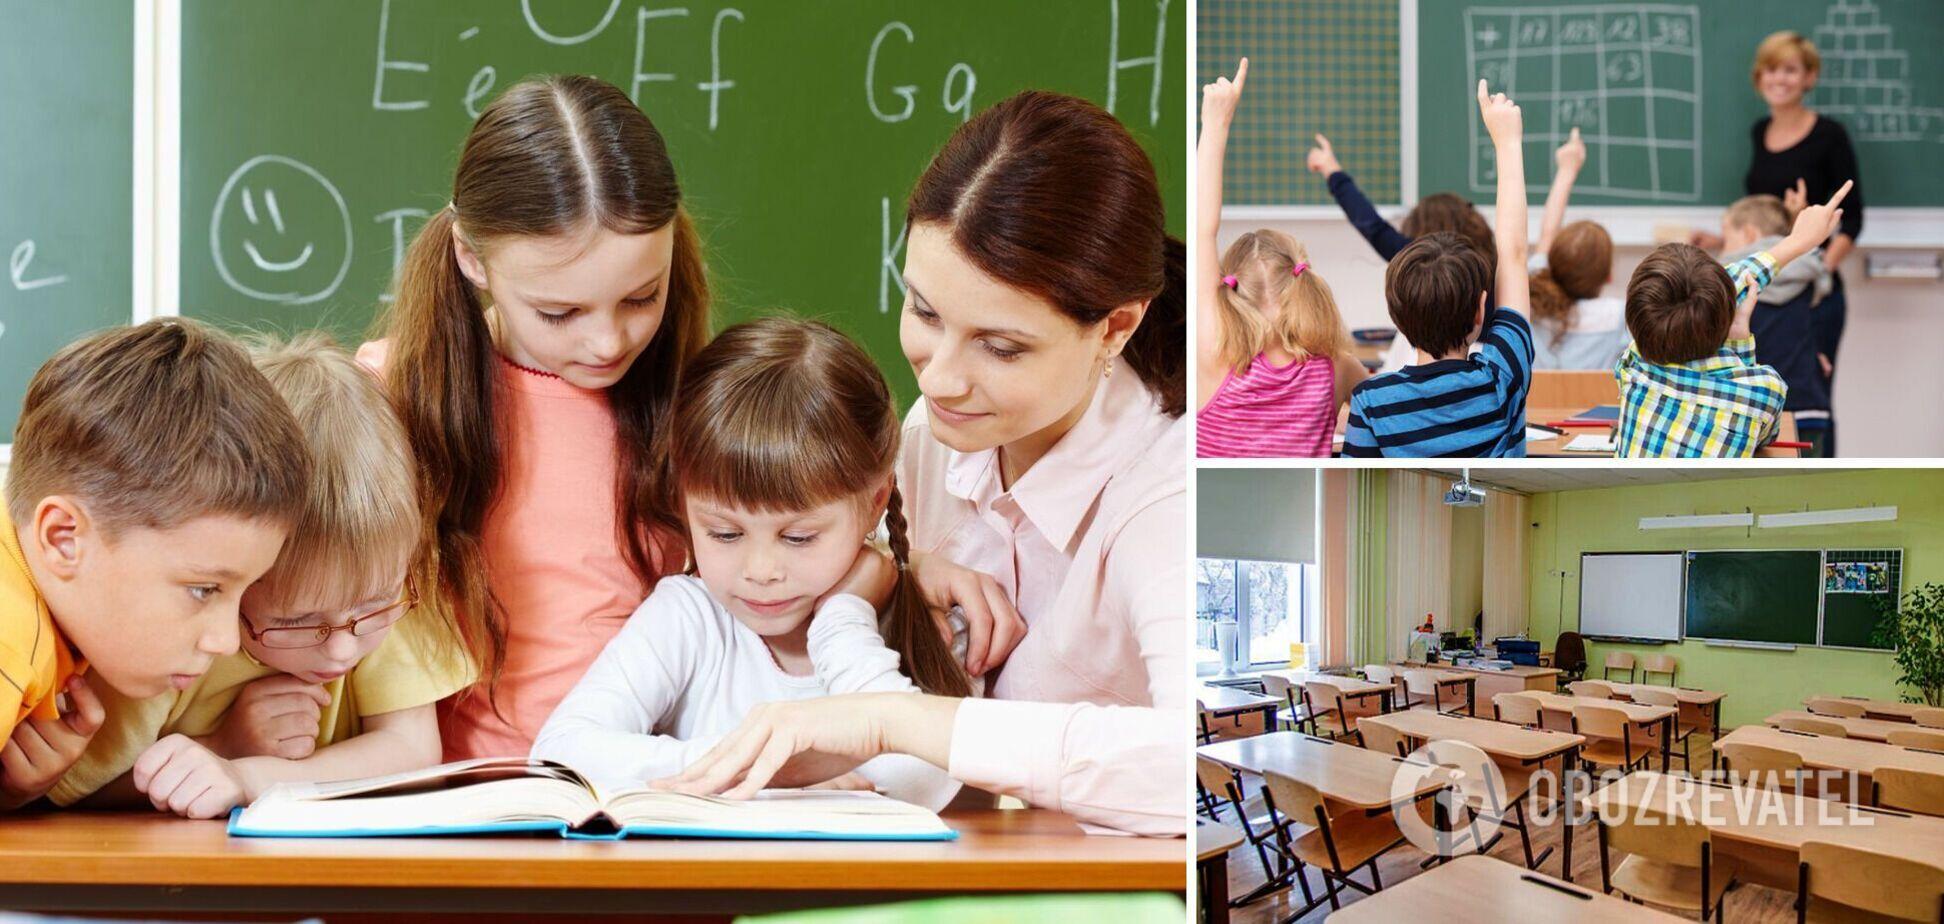 Більшість шкіл в Україні повернеться на дистанційну форму навчання